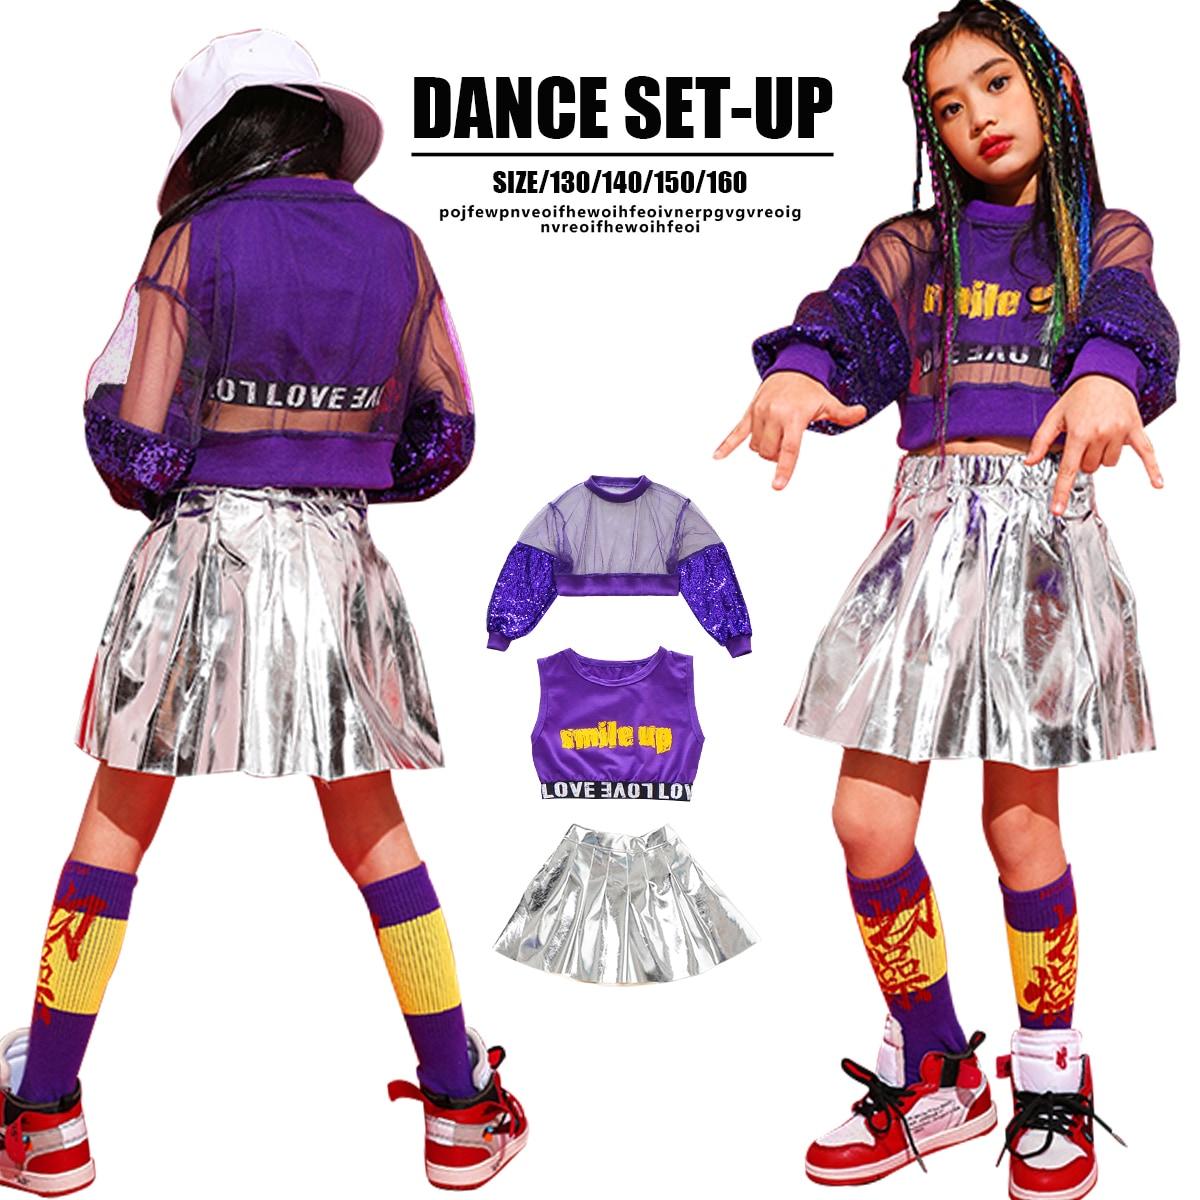 スパンコール セットアップ パープル 紫 ヒップホップ キッズダンス衣装